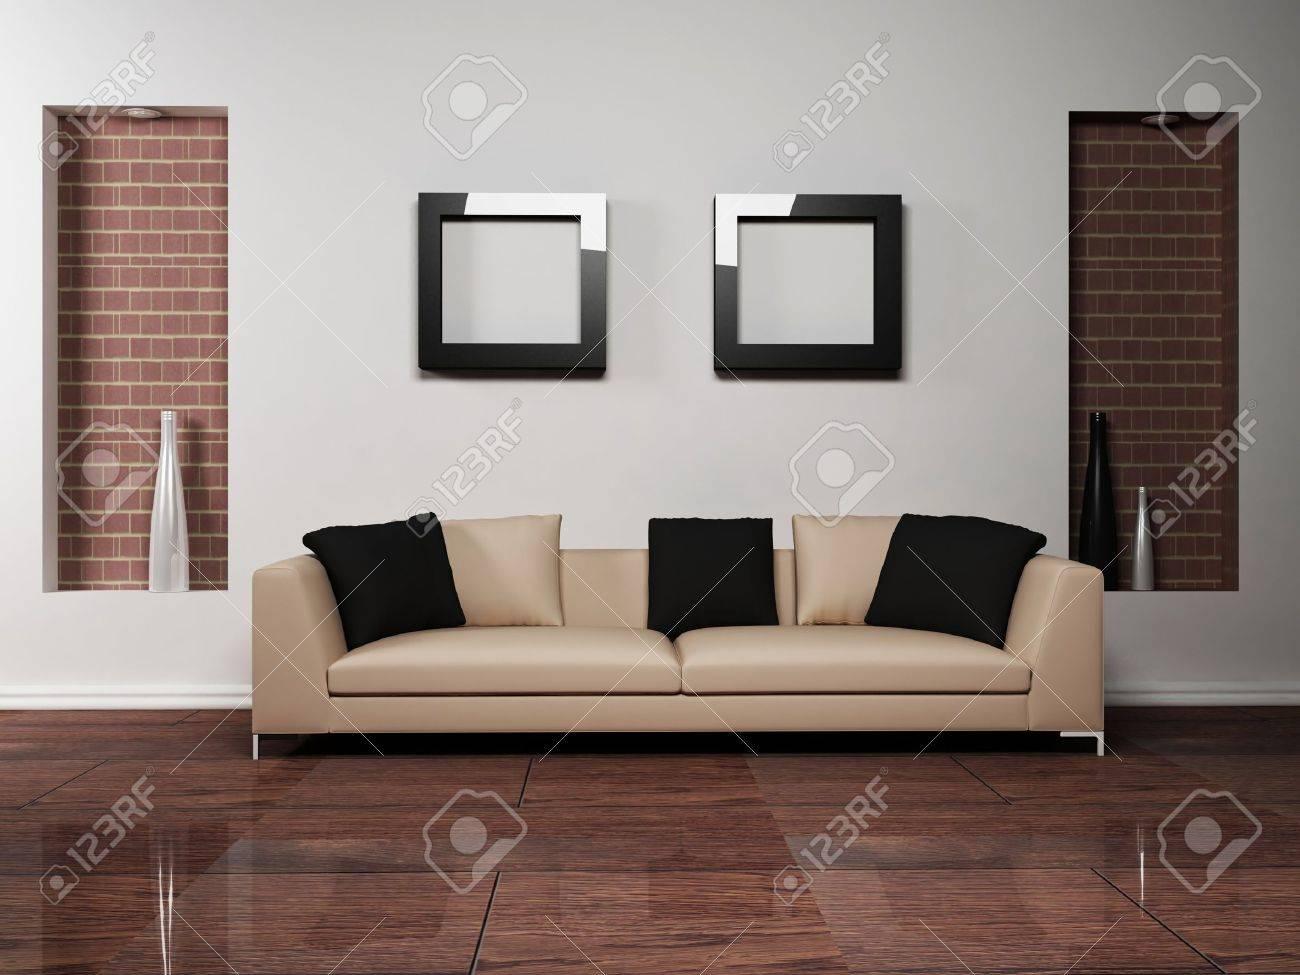 Moderne Innenarchitektur Des Wohnzimmers Mit Einem Schönen Sofa ...